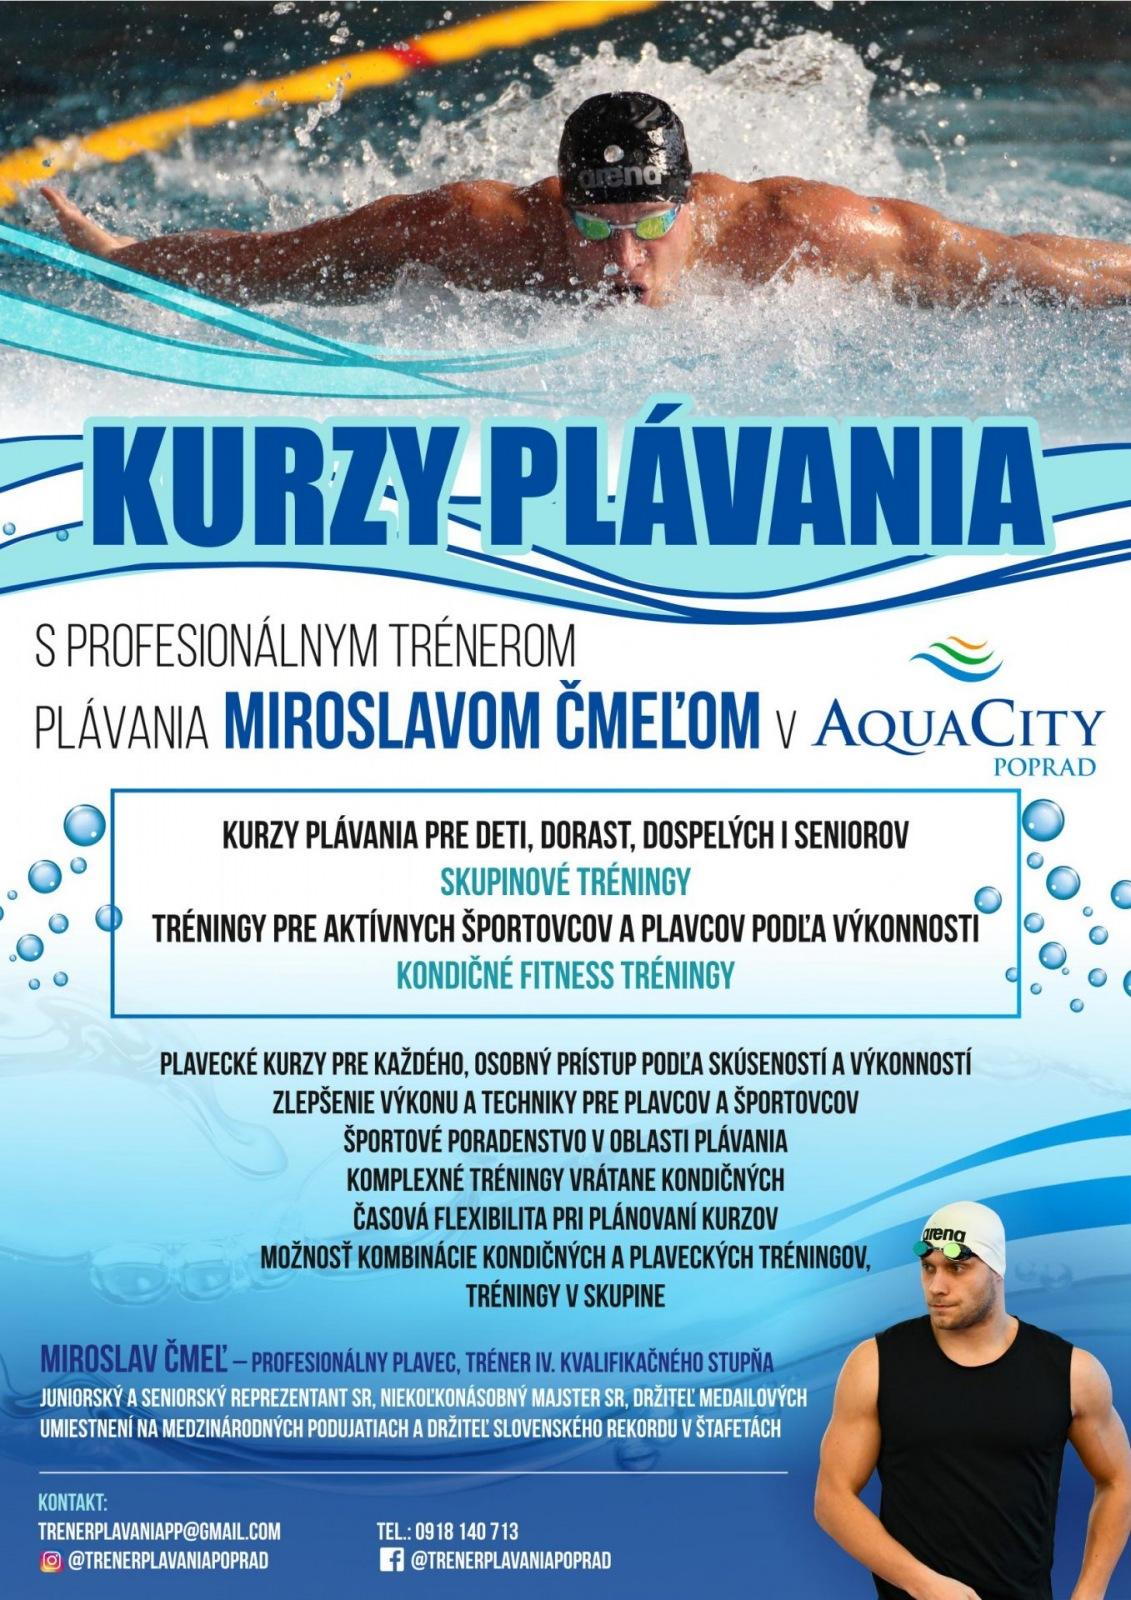 KURZY PLÁVANIA v AquaCity Poprad